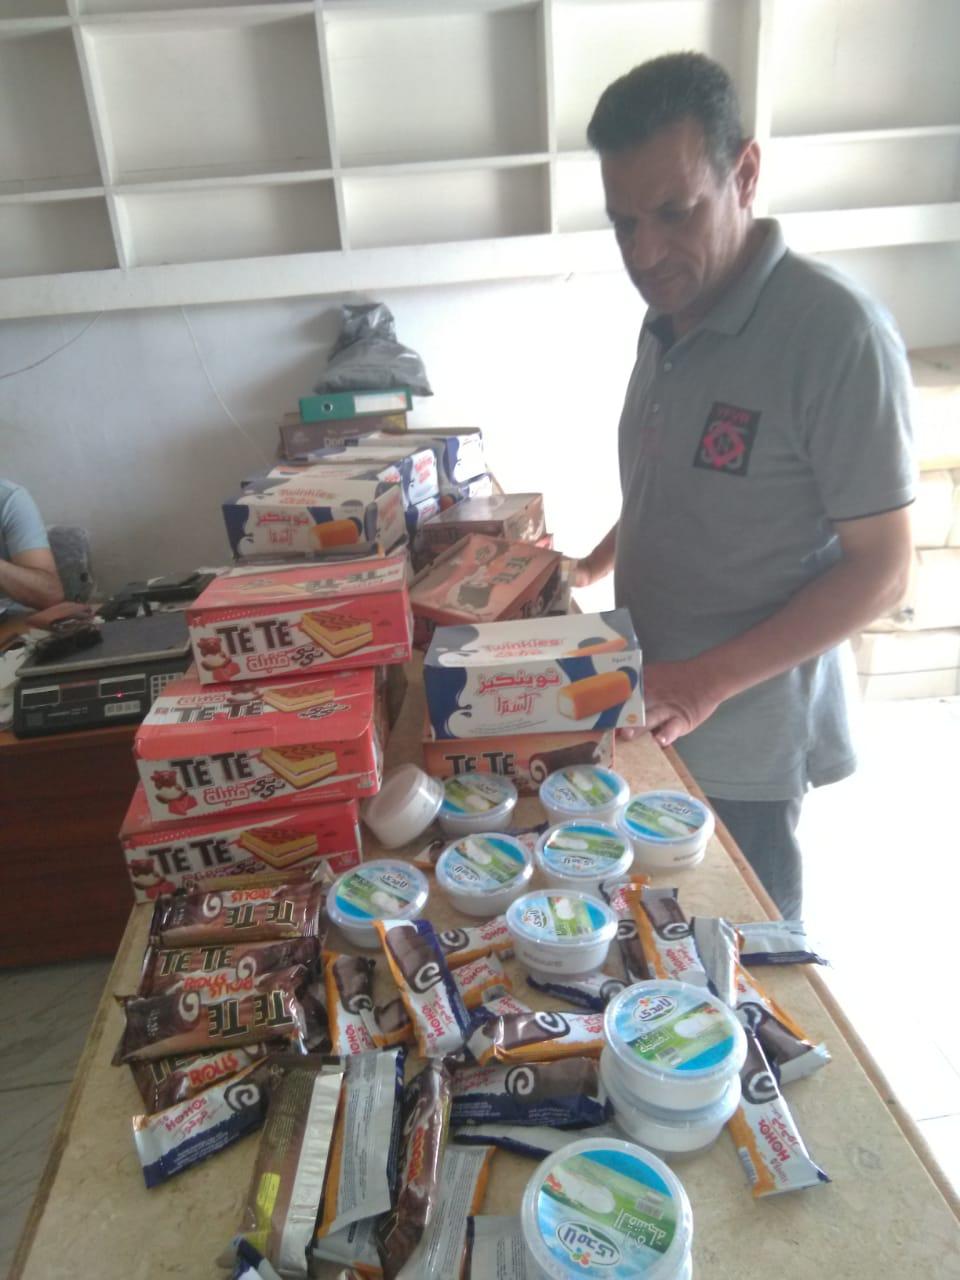 ضبط مخالفات تموينية وأغذية فاسدة وسولار مهرب بمركز النجيلة في مطروح  (3)